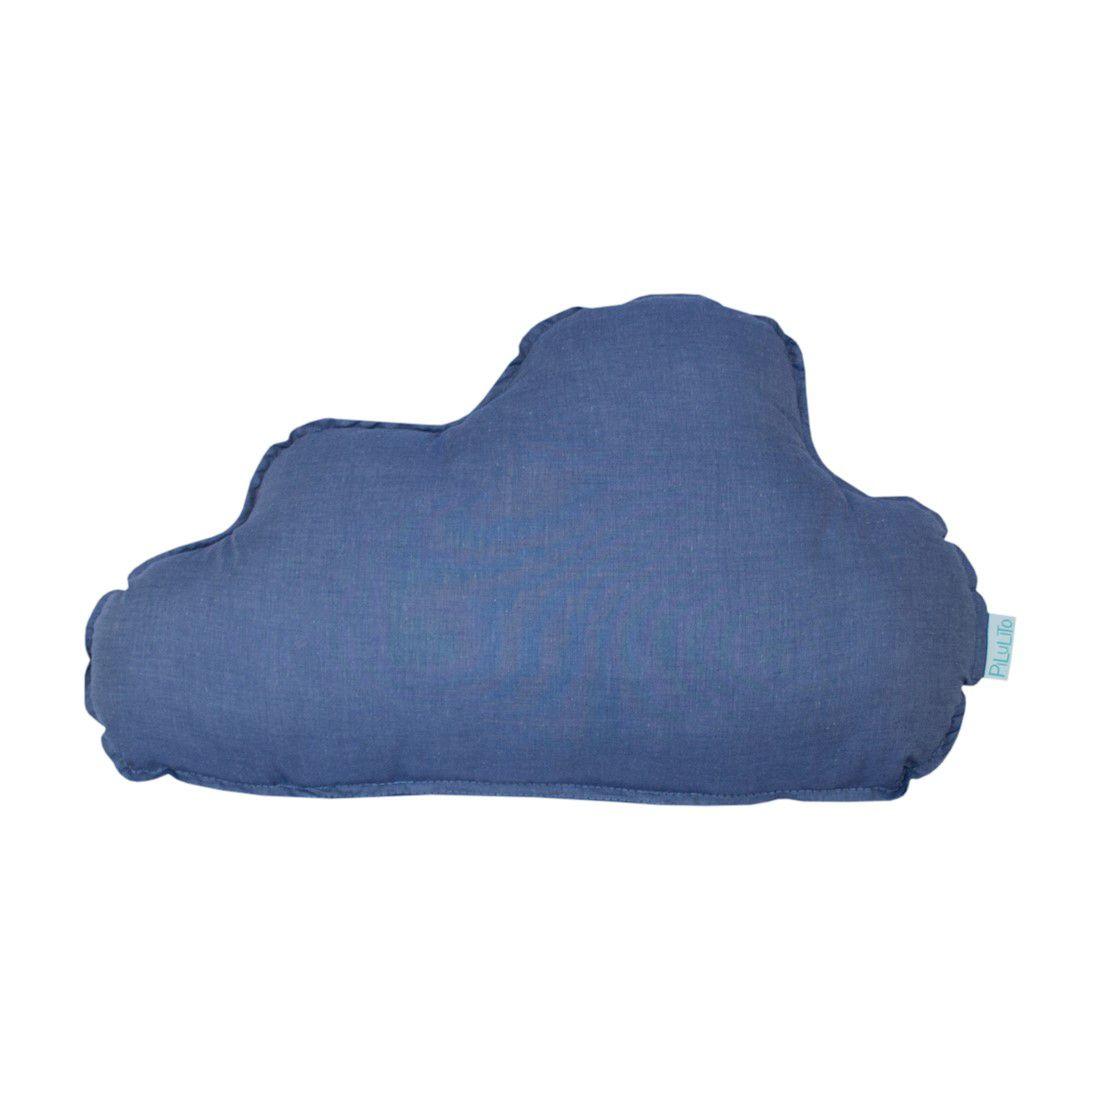 Almofada nuvem grande azul jeans